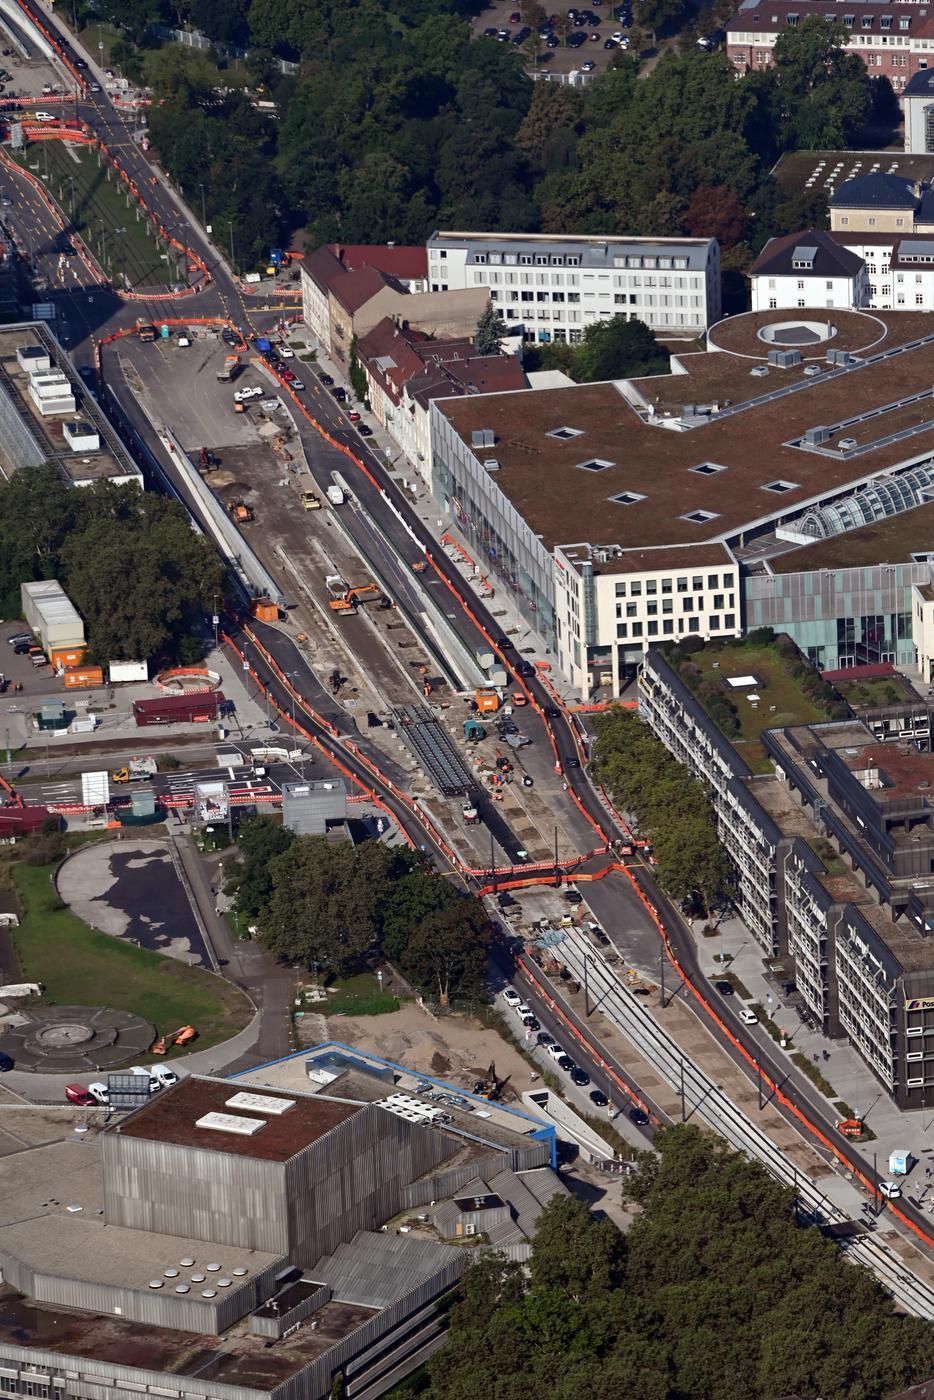 Mit dem Ende der Arbeiten sollen zentrale Verkehrsachsen, die gerade über den Sommer beschränkt oder blockiert waren, nun in besserer Qualität genutzt werden können.